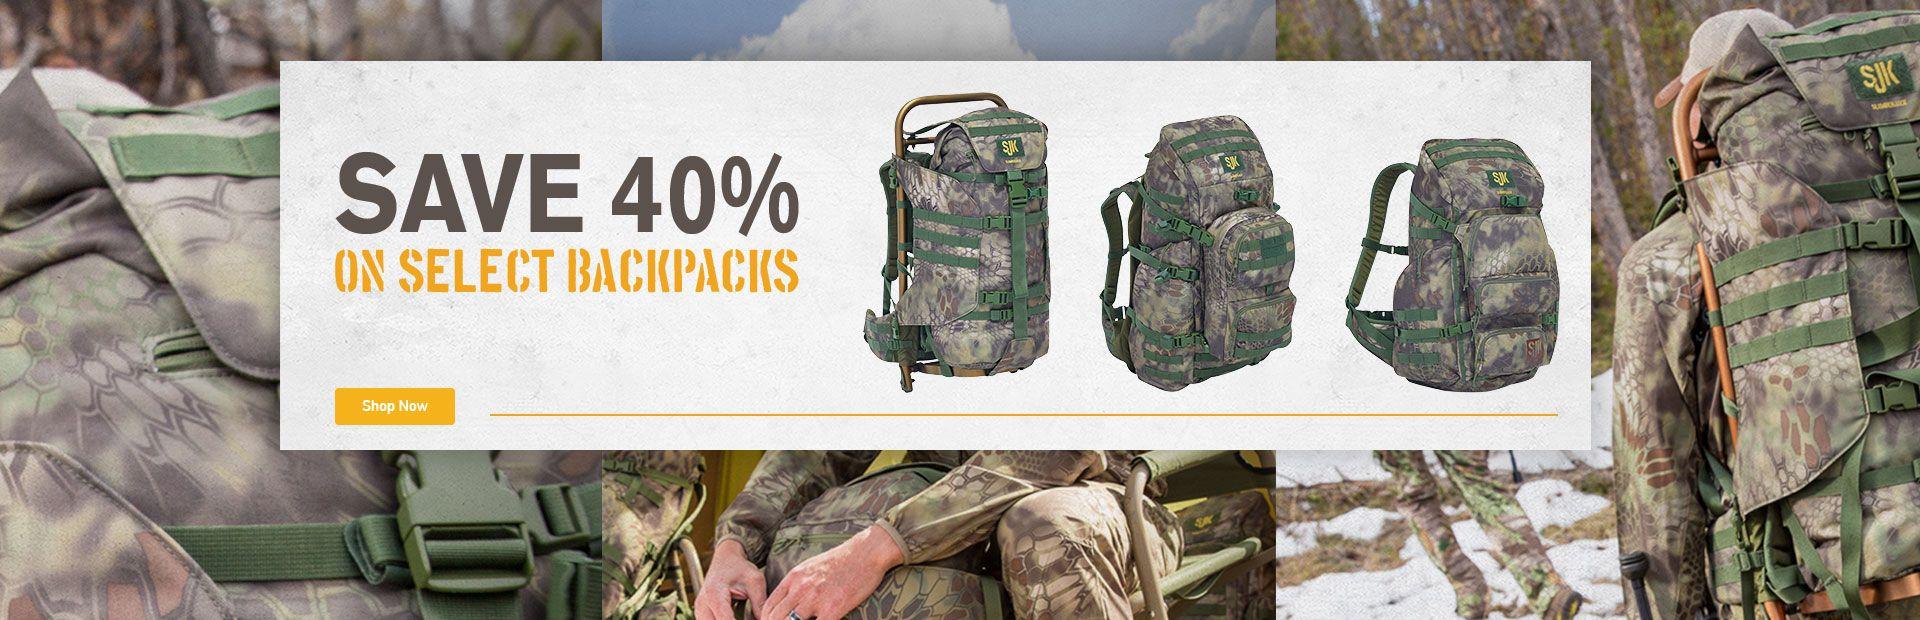 Save 40% on Select Backpacks!